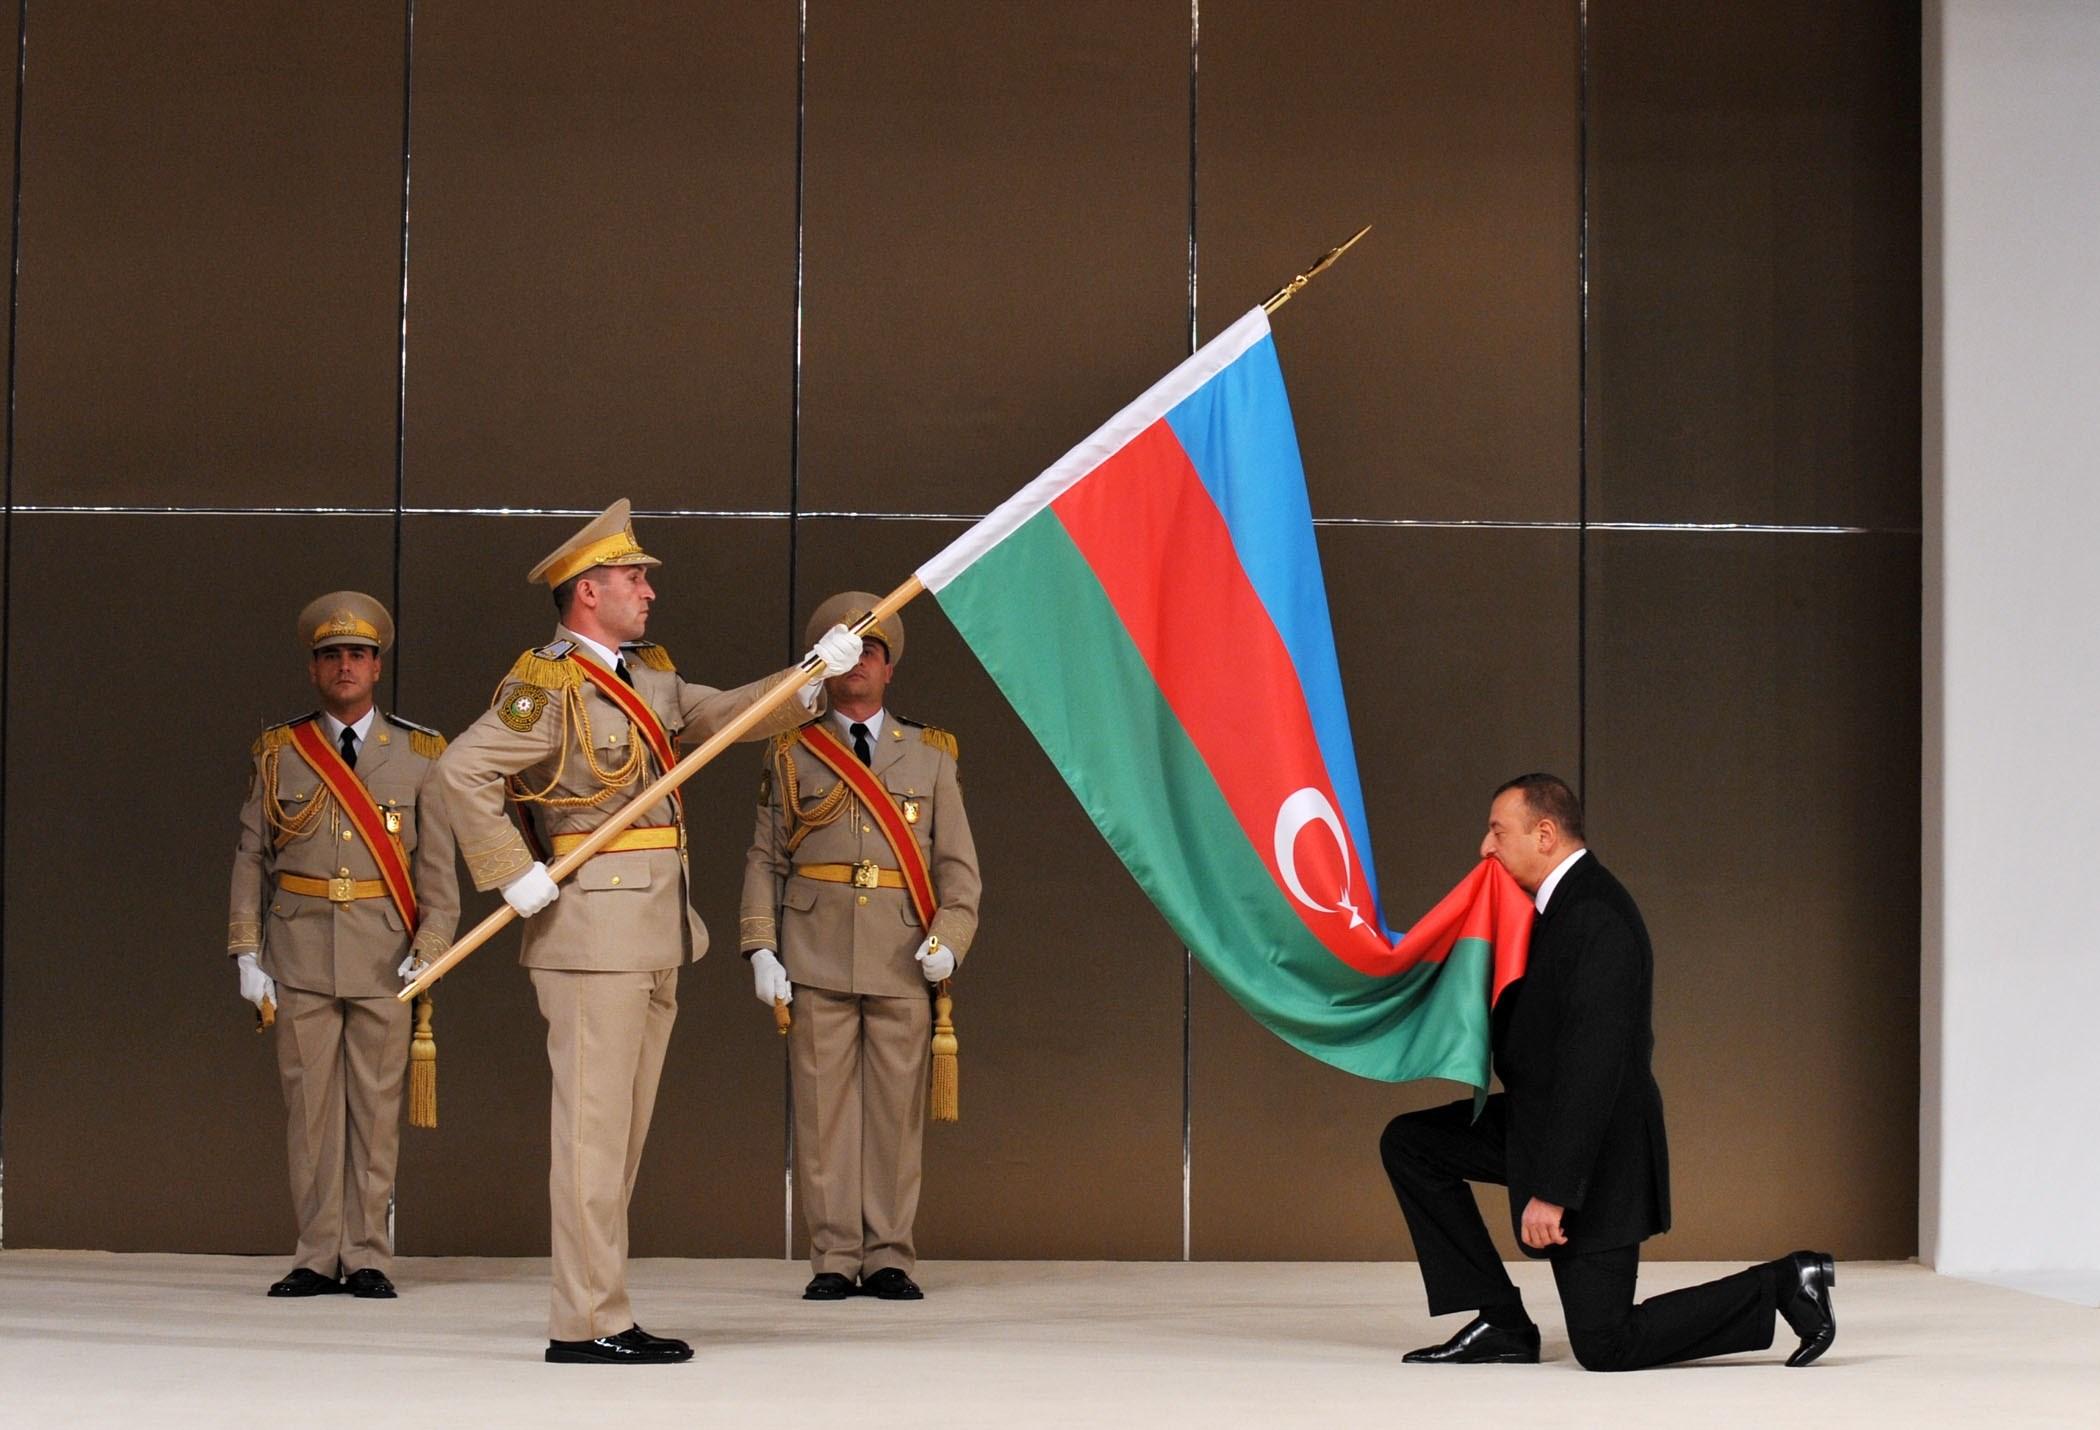 الرئيس الآذربيجاني إلهام علييف ينحني أمام علم بلاده (أرشيف)